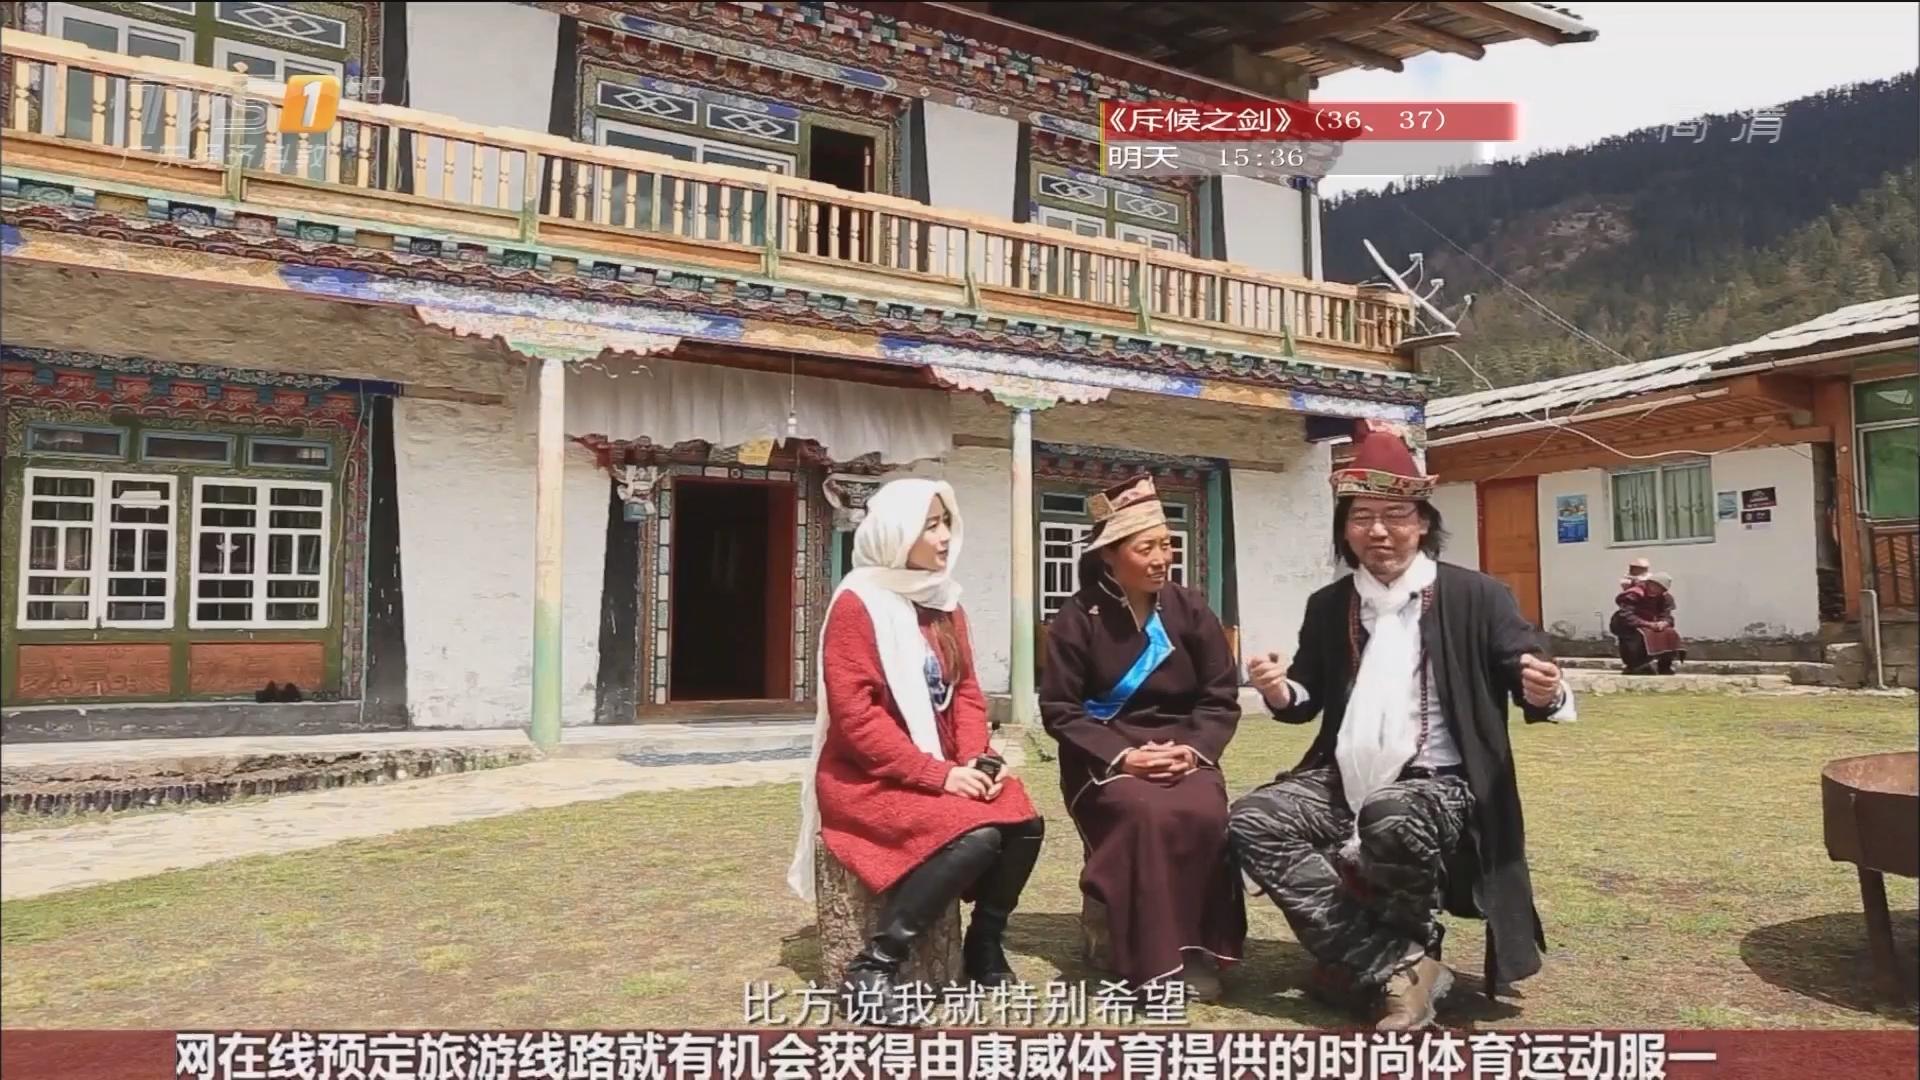 西藏之旅——走进扎西岗村